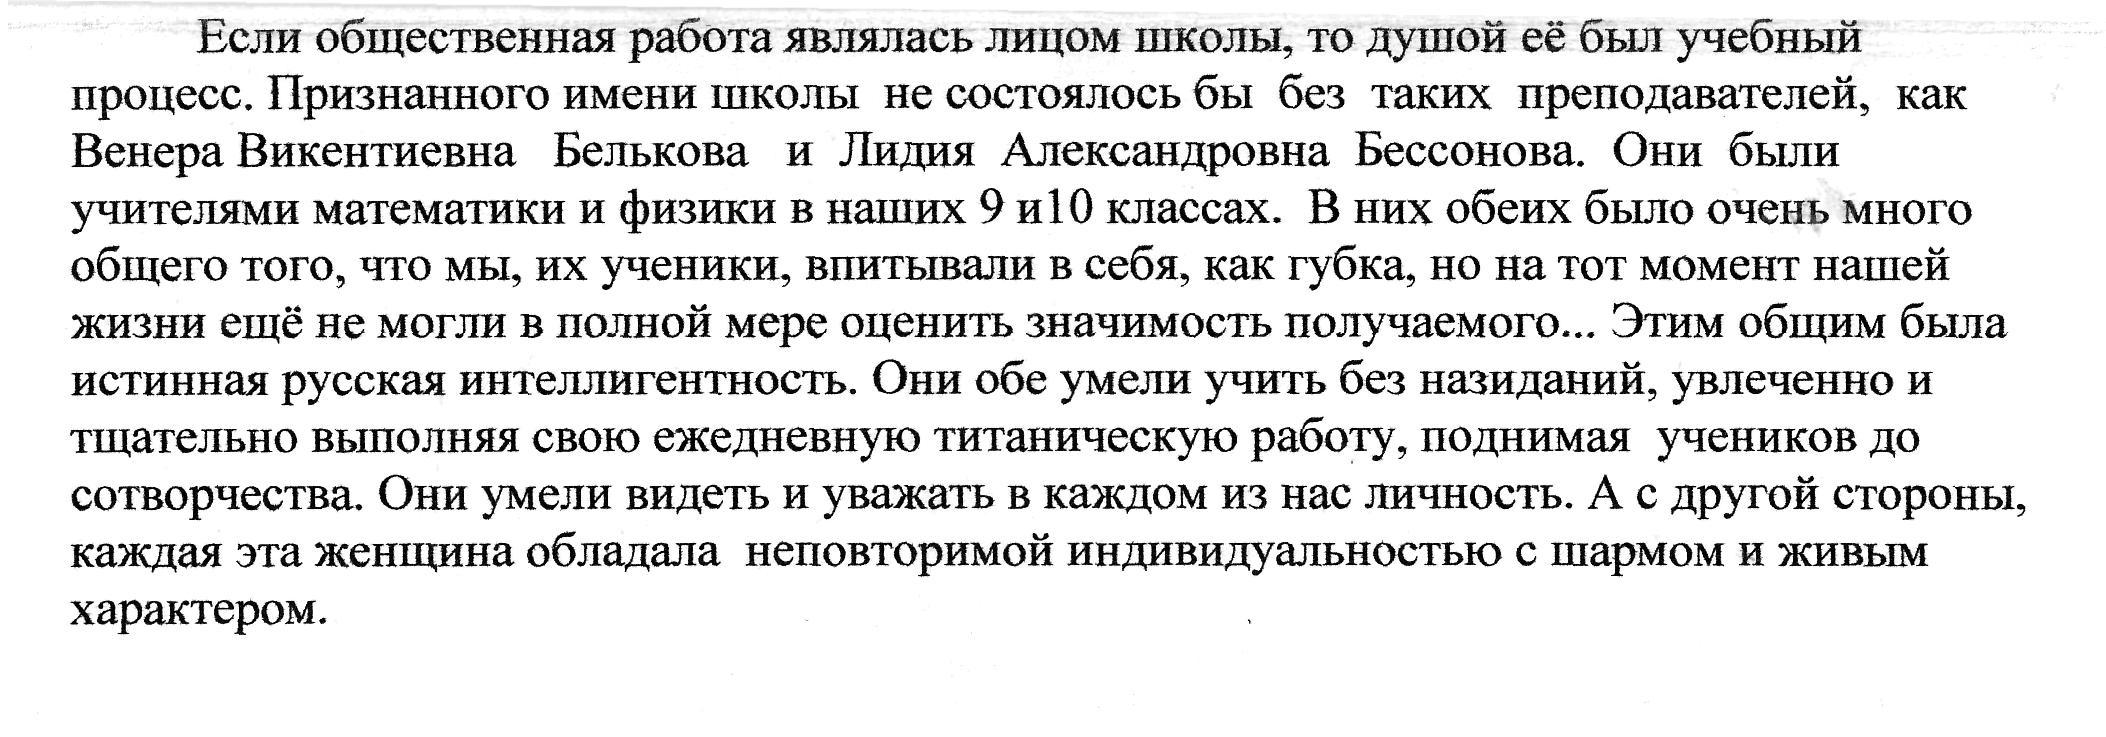 Из воспоминаний выпускницы Елены Пологовой